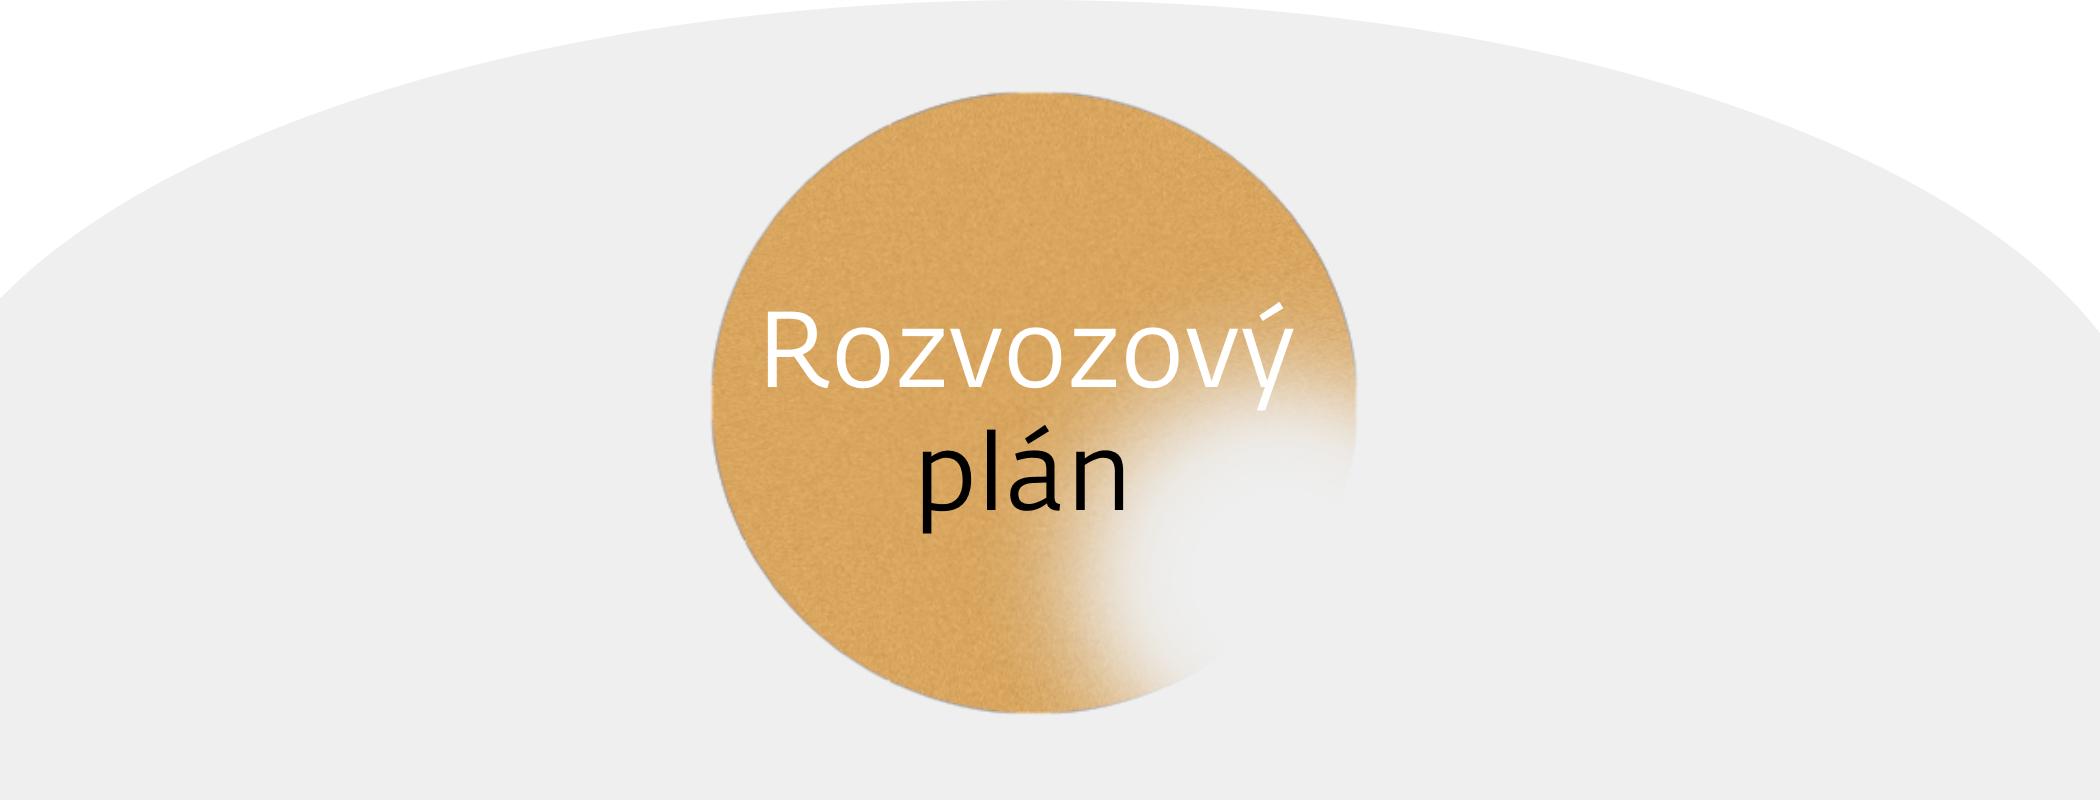 movino_rozvozovy_plan